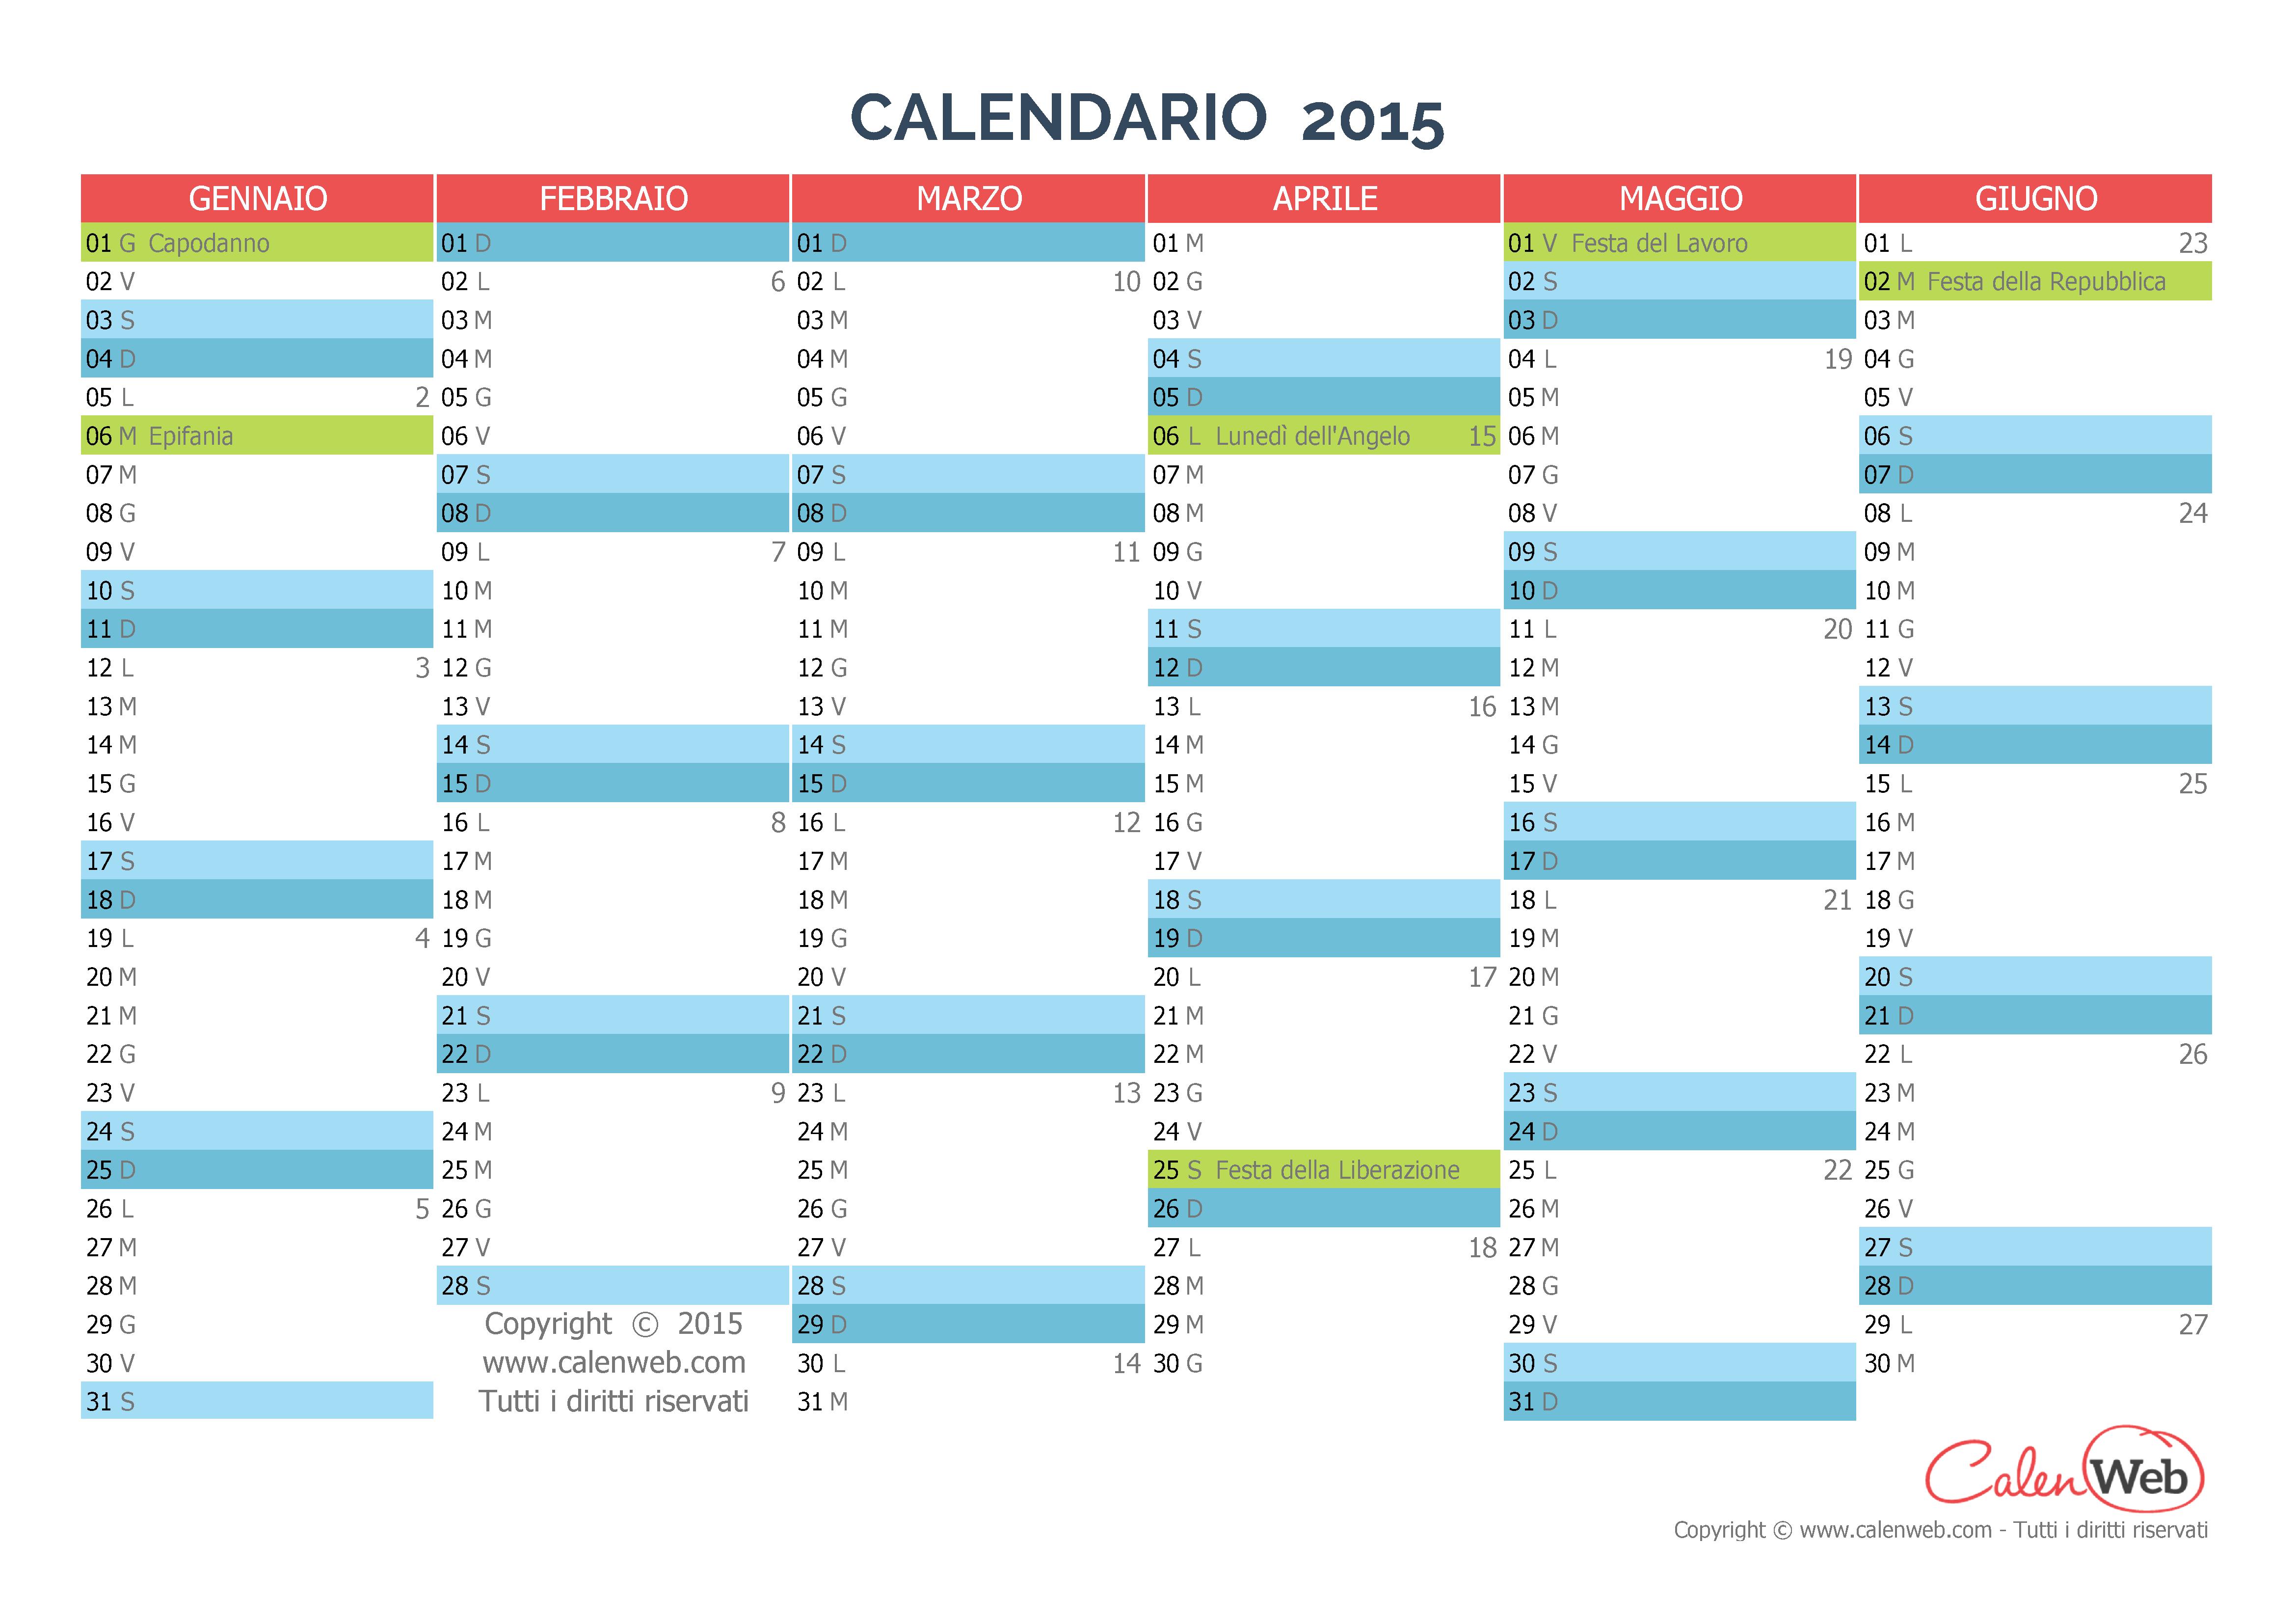 Calendario Anno 2015.Calendario Semestrale Anno 2015 Con Le Festivita Italiane